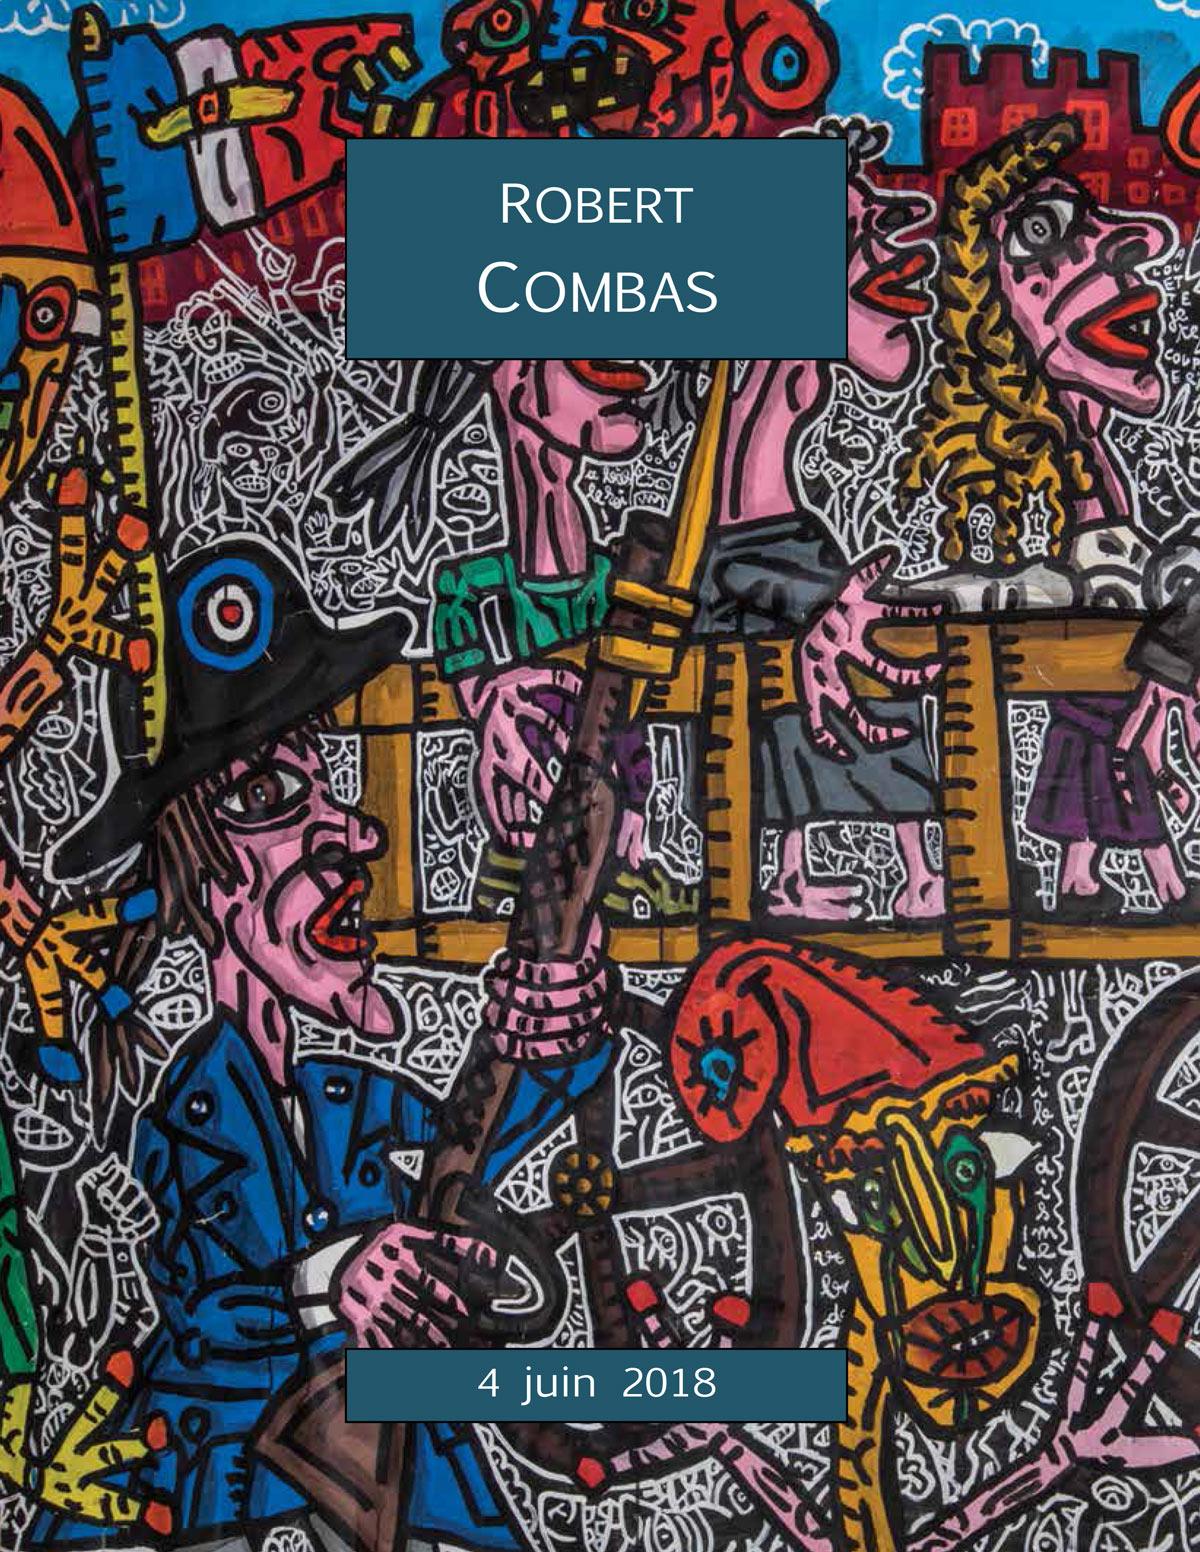 Vente Robert Combas Un ensemble de 6 œuvres chez ARCANE ENCHERES : 6 lots